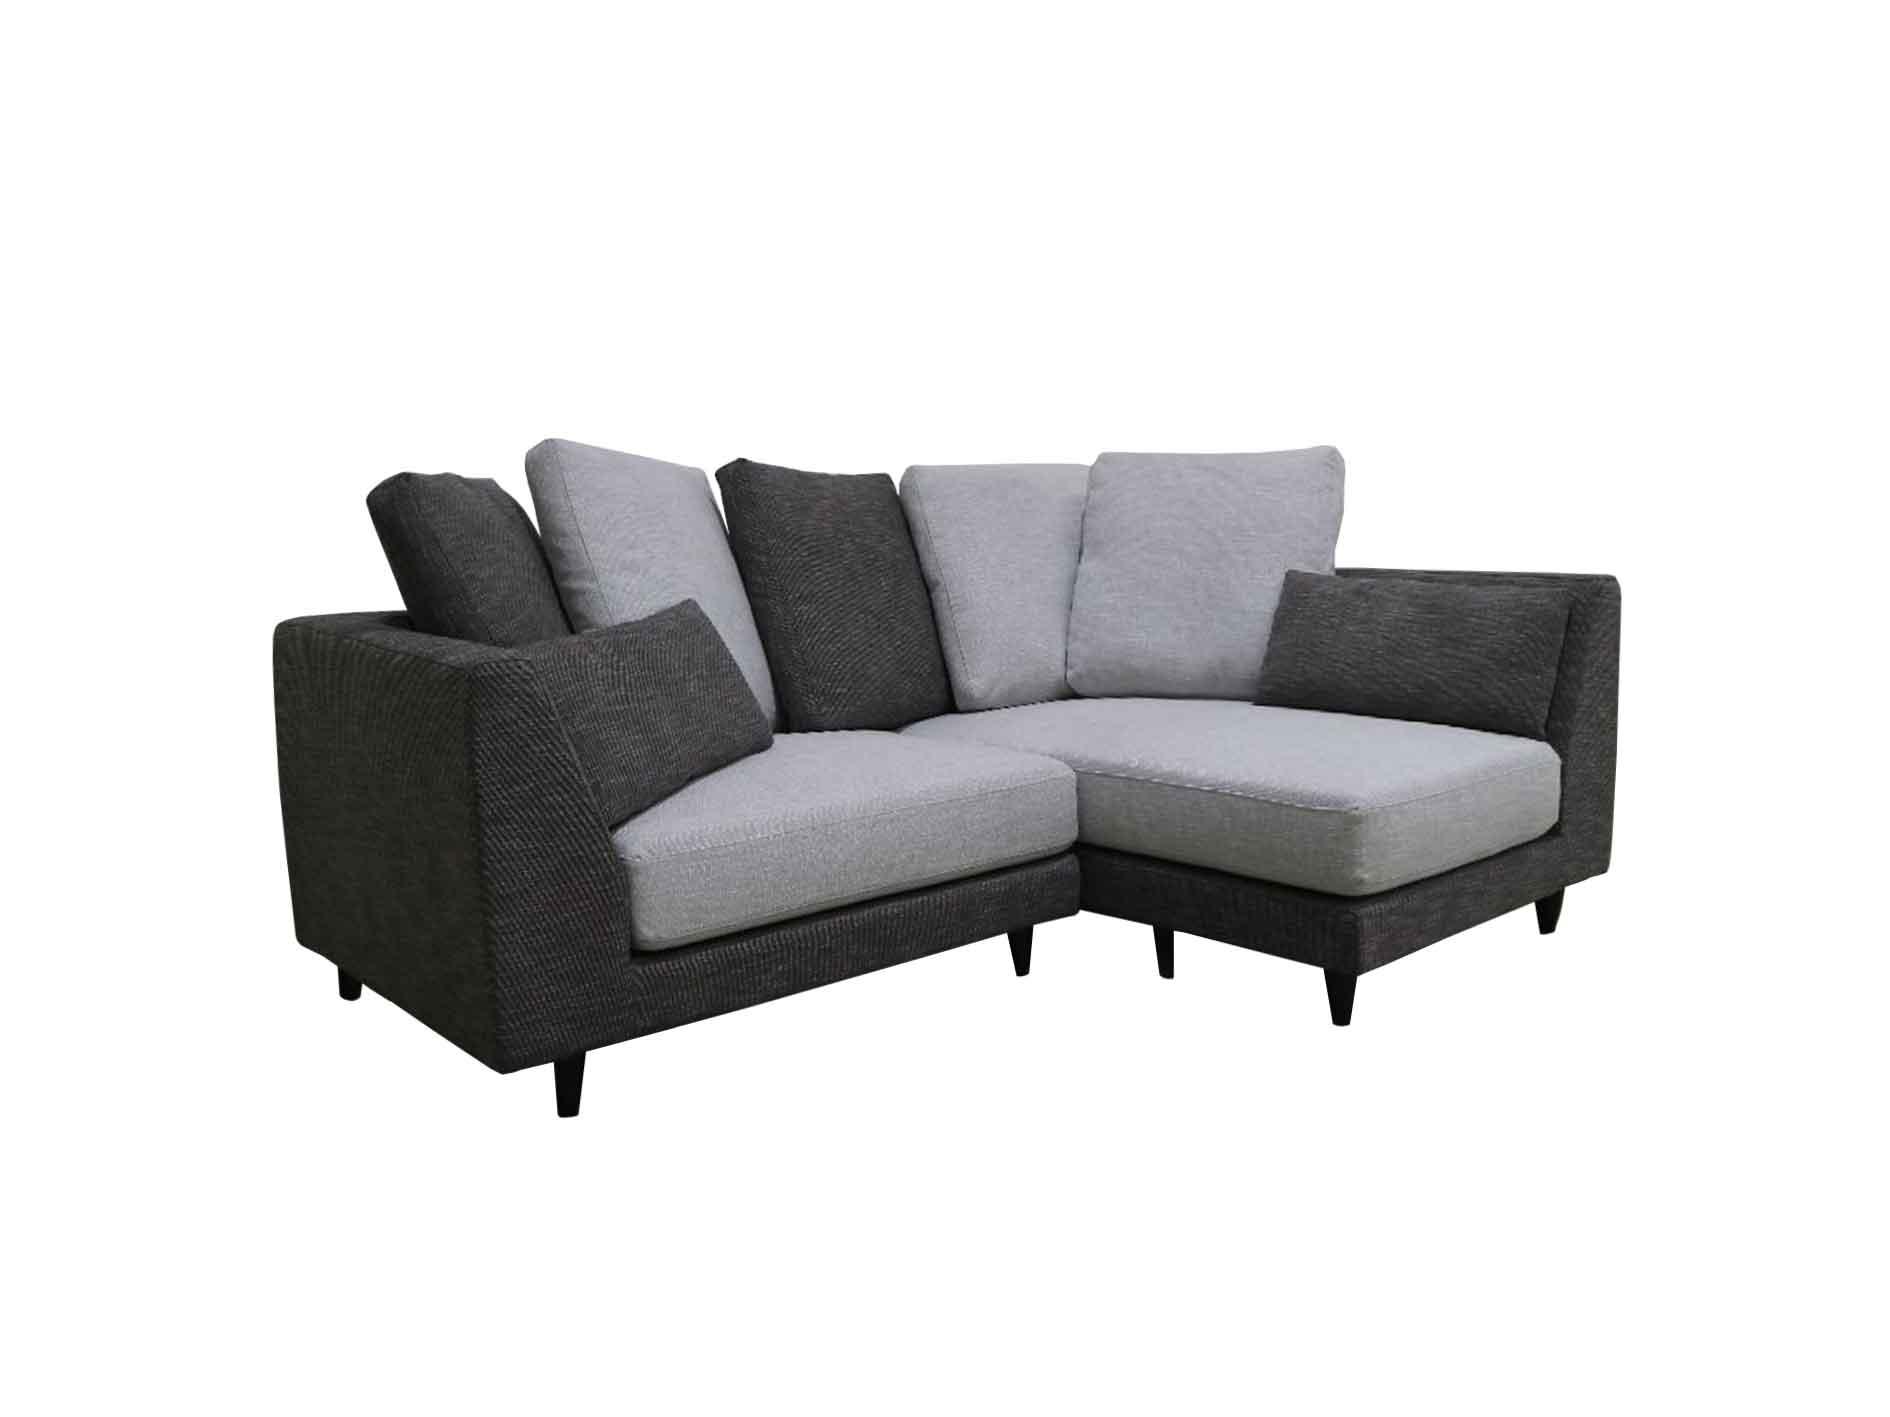 Valerio Designer Italian Fabric Sofa 3536 4 Seater L